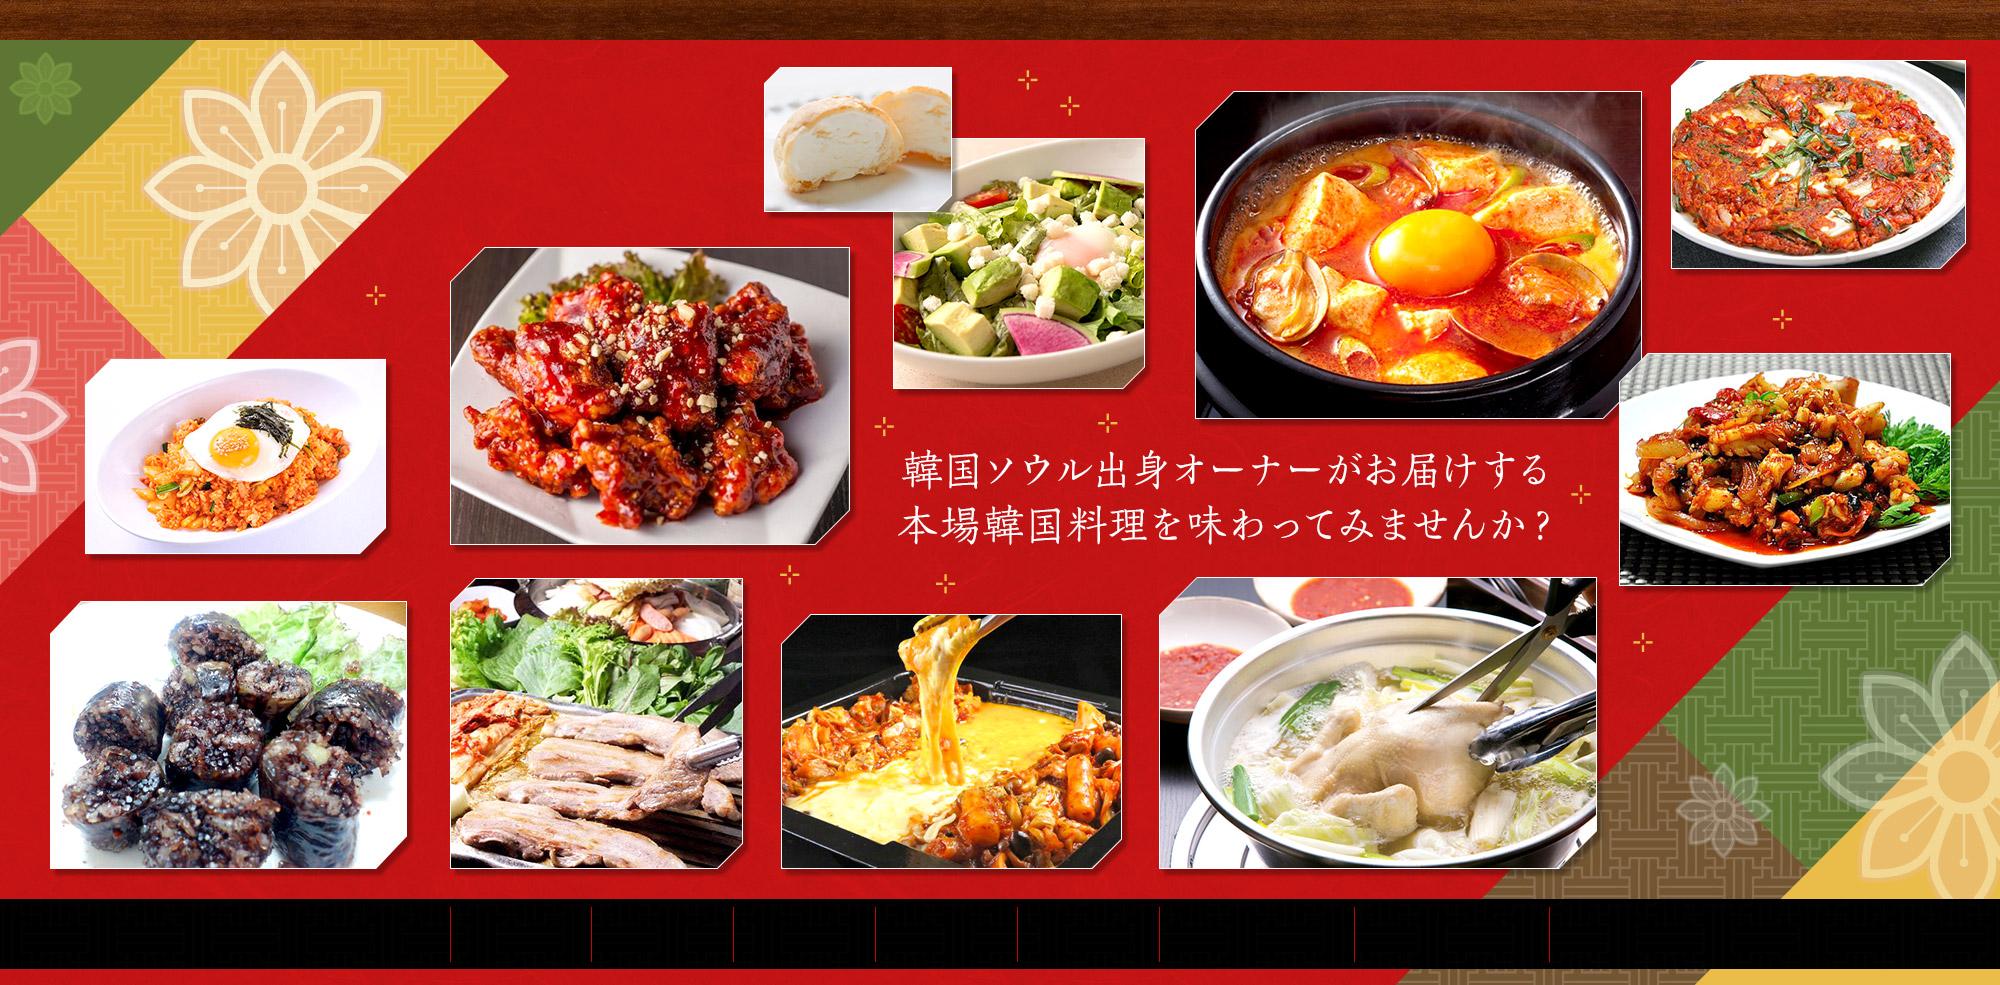 韓国ソウル出身オーナーがお届けする本場韓国料理を味わってみませんか?